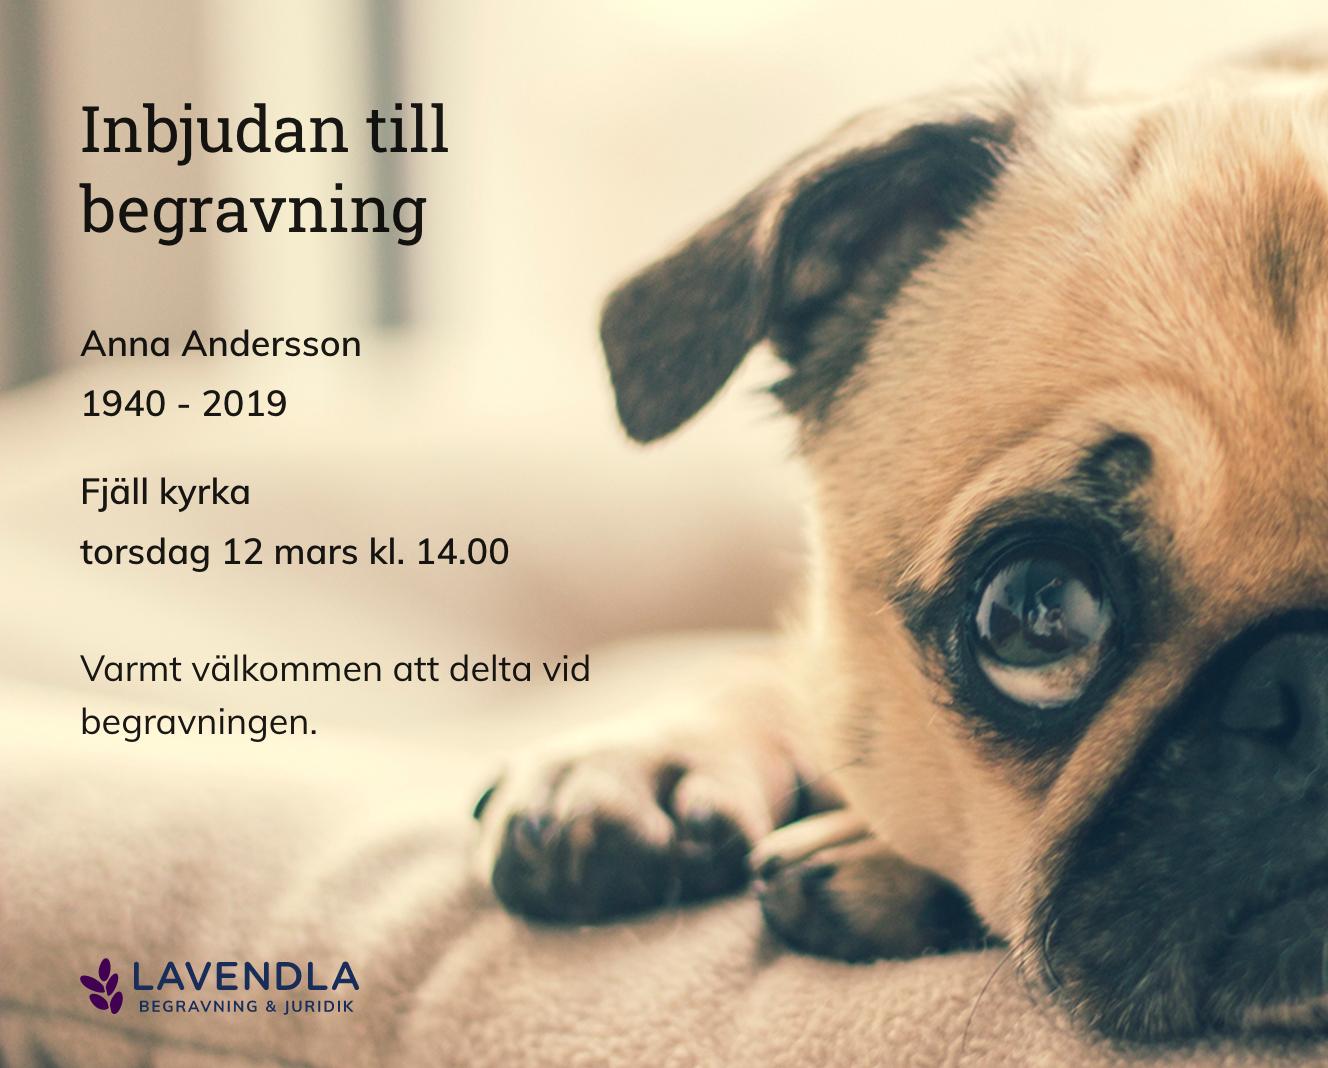 Inbjudningskort till ceremonin för Anna Andersson